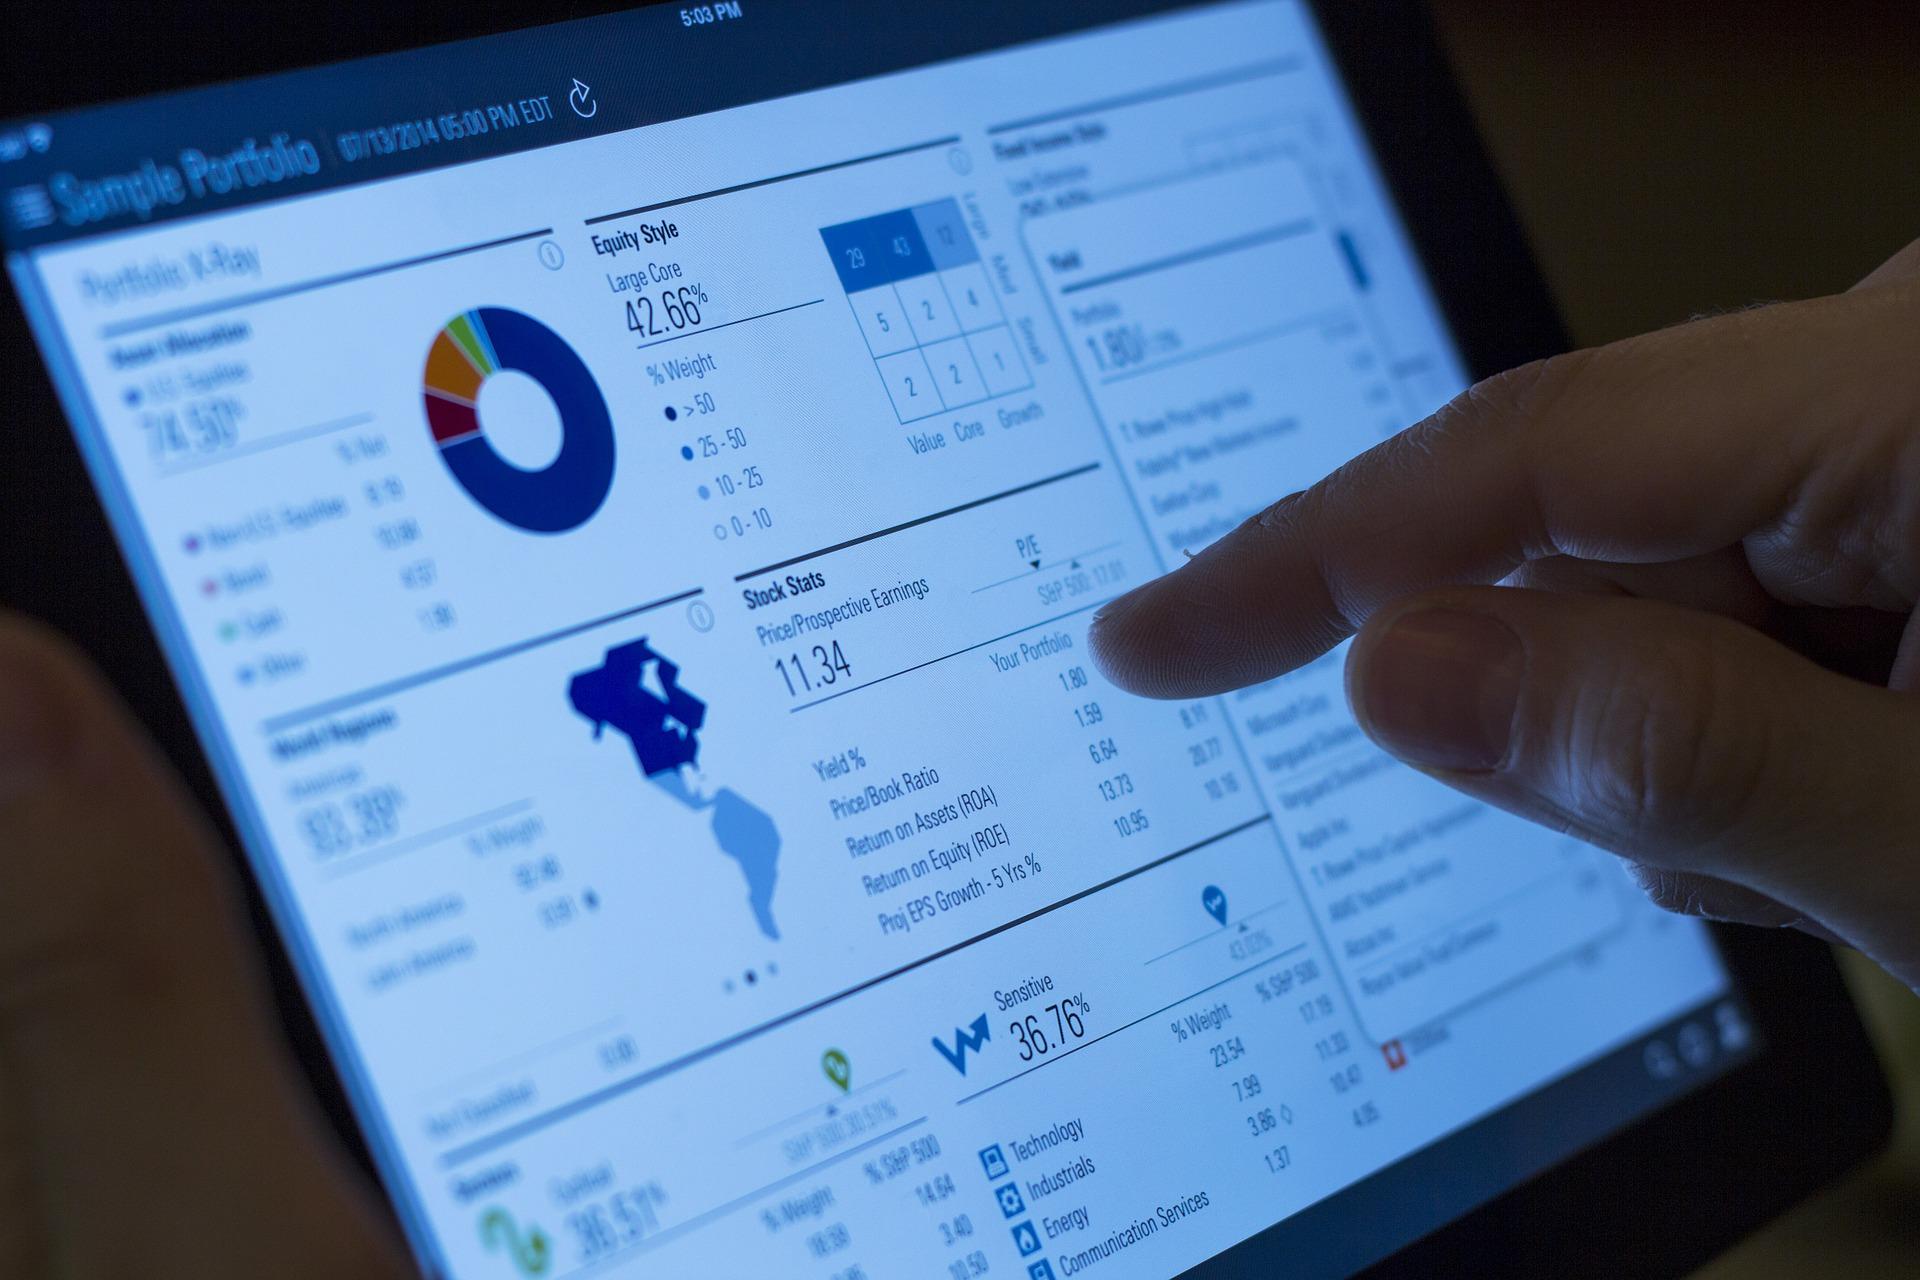 Giao dịch chứng khoán cách kiếm tiền online hiệu quả